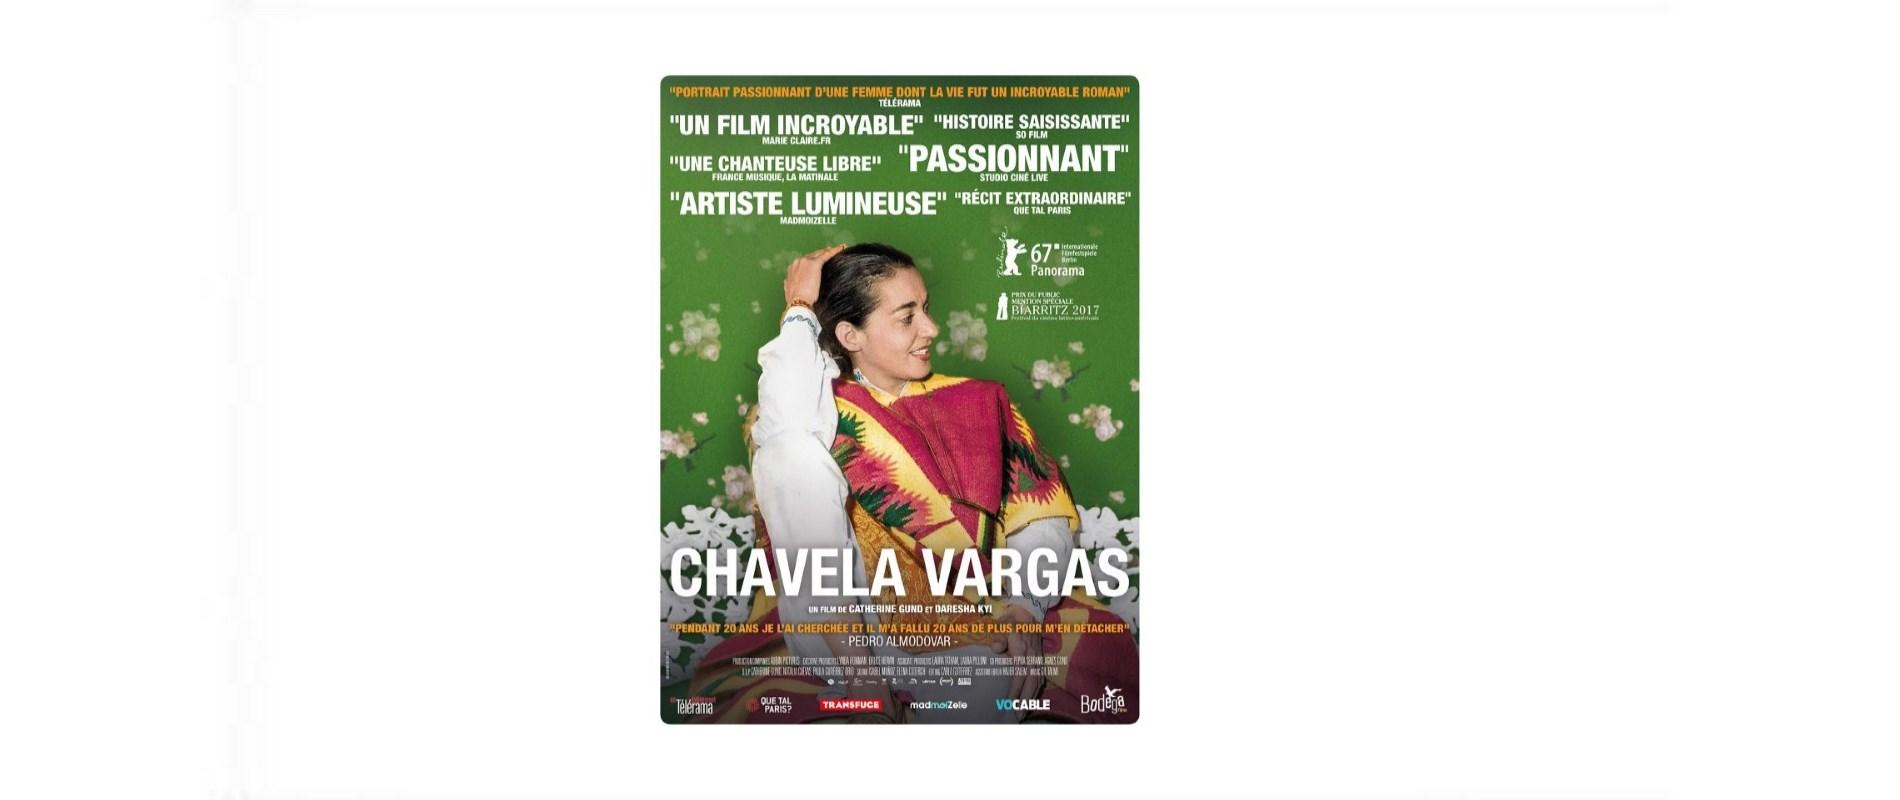 CHAVELA VARGAS- AU CINEMA LE 15 NOVEMBRE